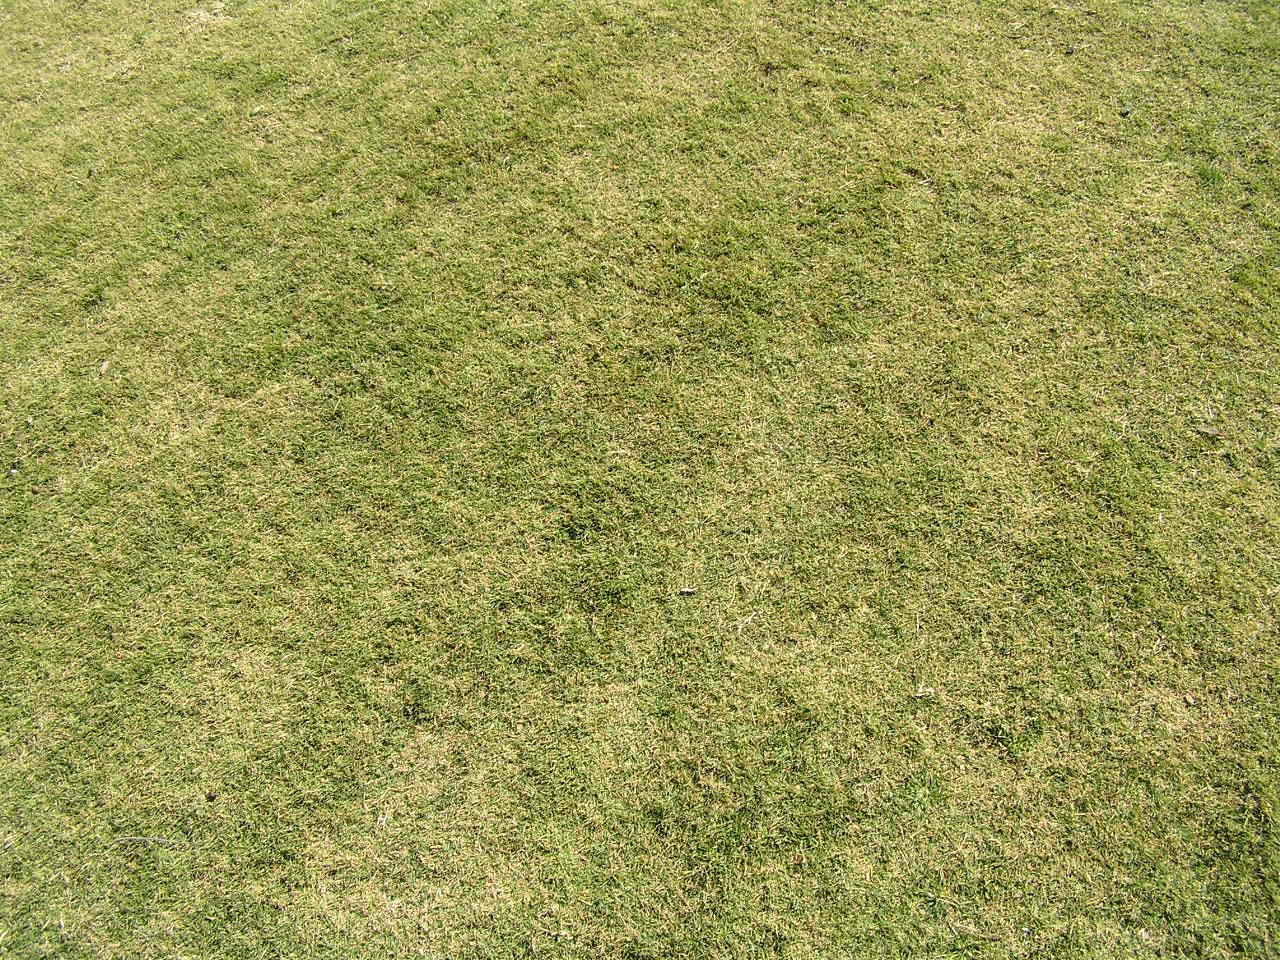 Grass is Grass